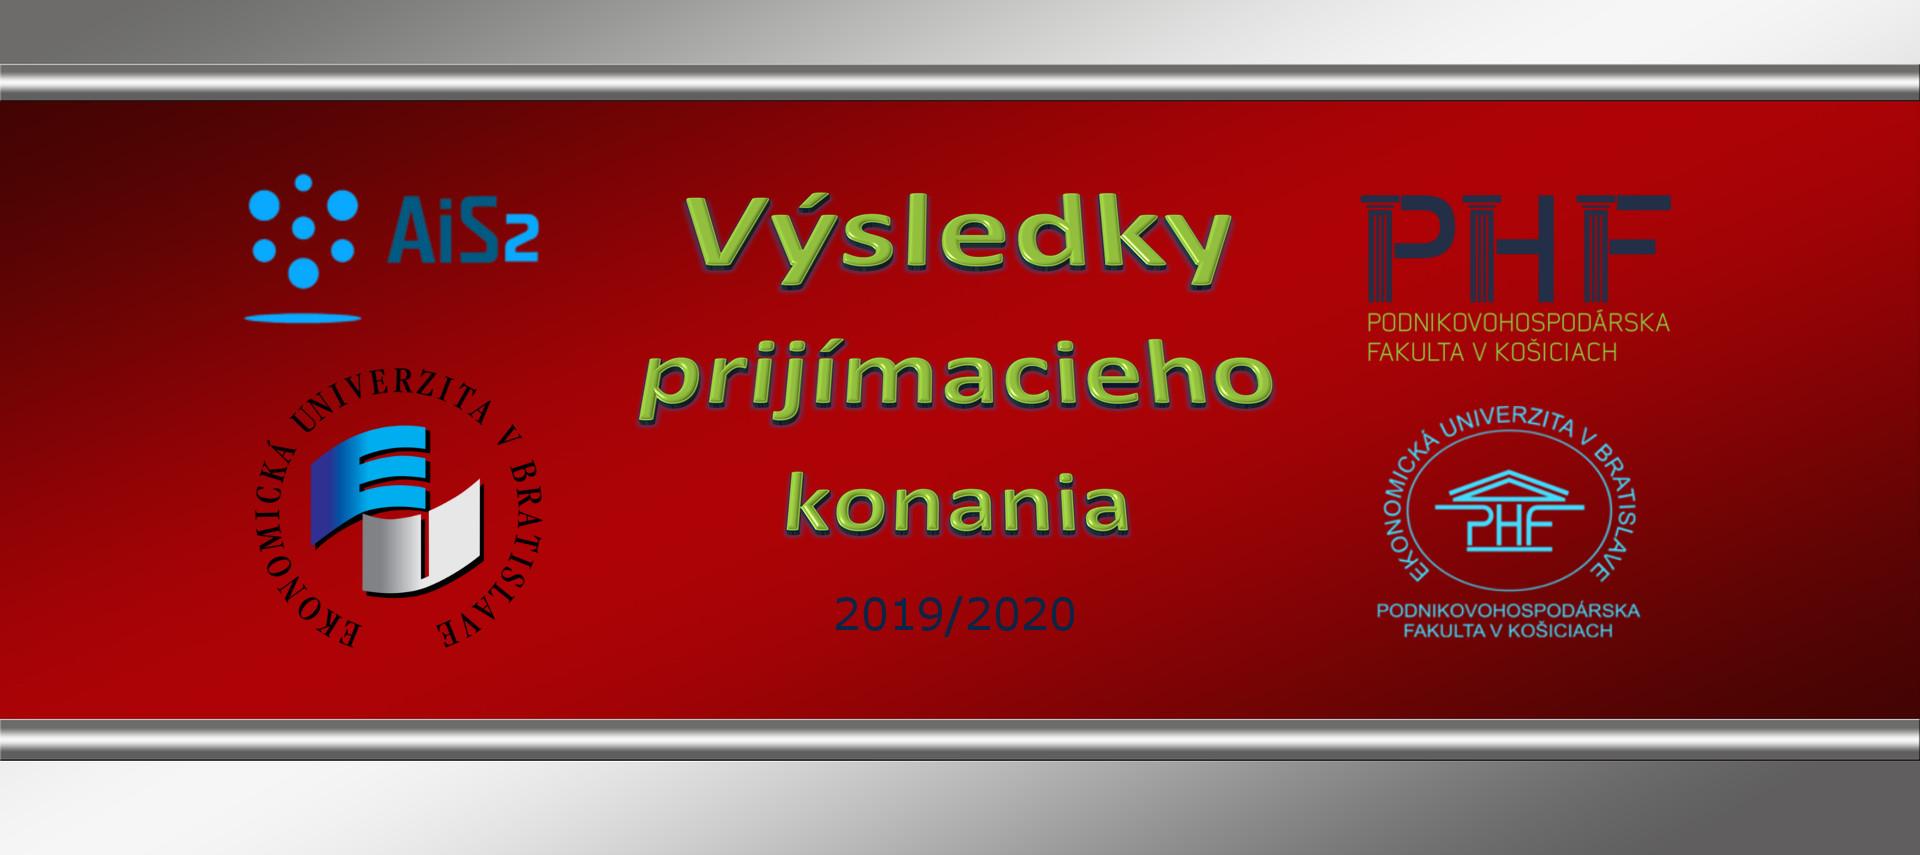 0cc54bb76f202 Úvod - Podnikovohospodárska fakulta so sídlom v Košiciach